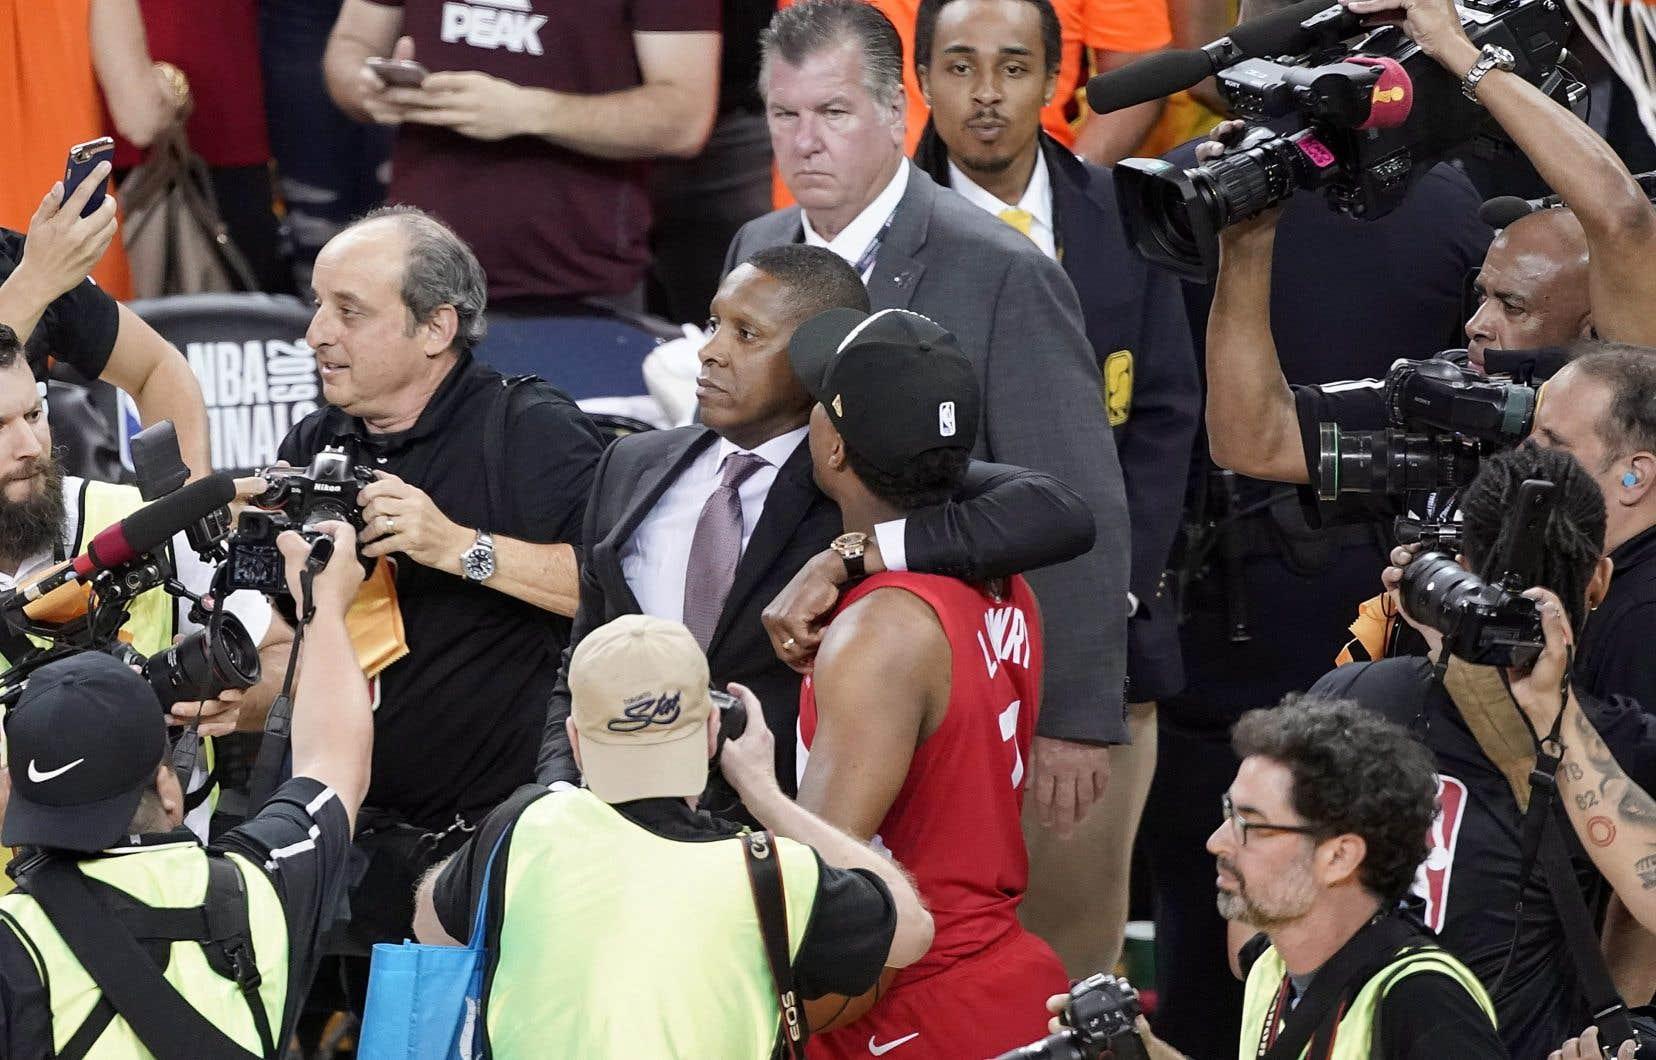 L'altercation s'est produite quand Masai Ujiri (avec la cravate) tentait d'accéder au terrain après la victoire des Raptors au championnat de 2019.